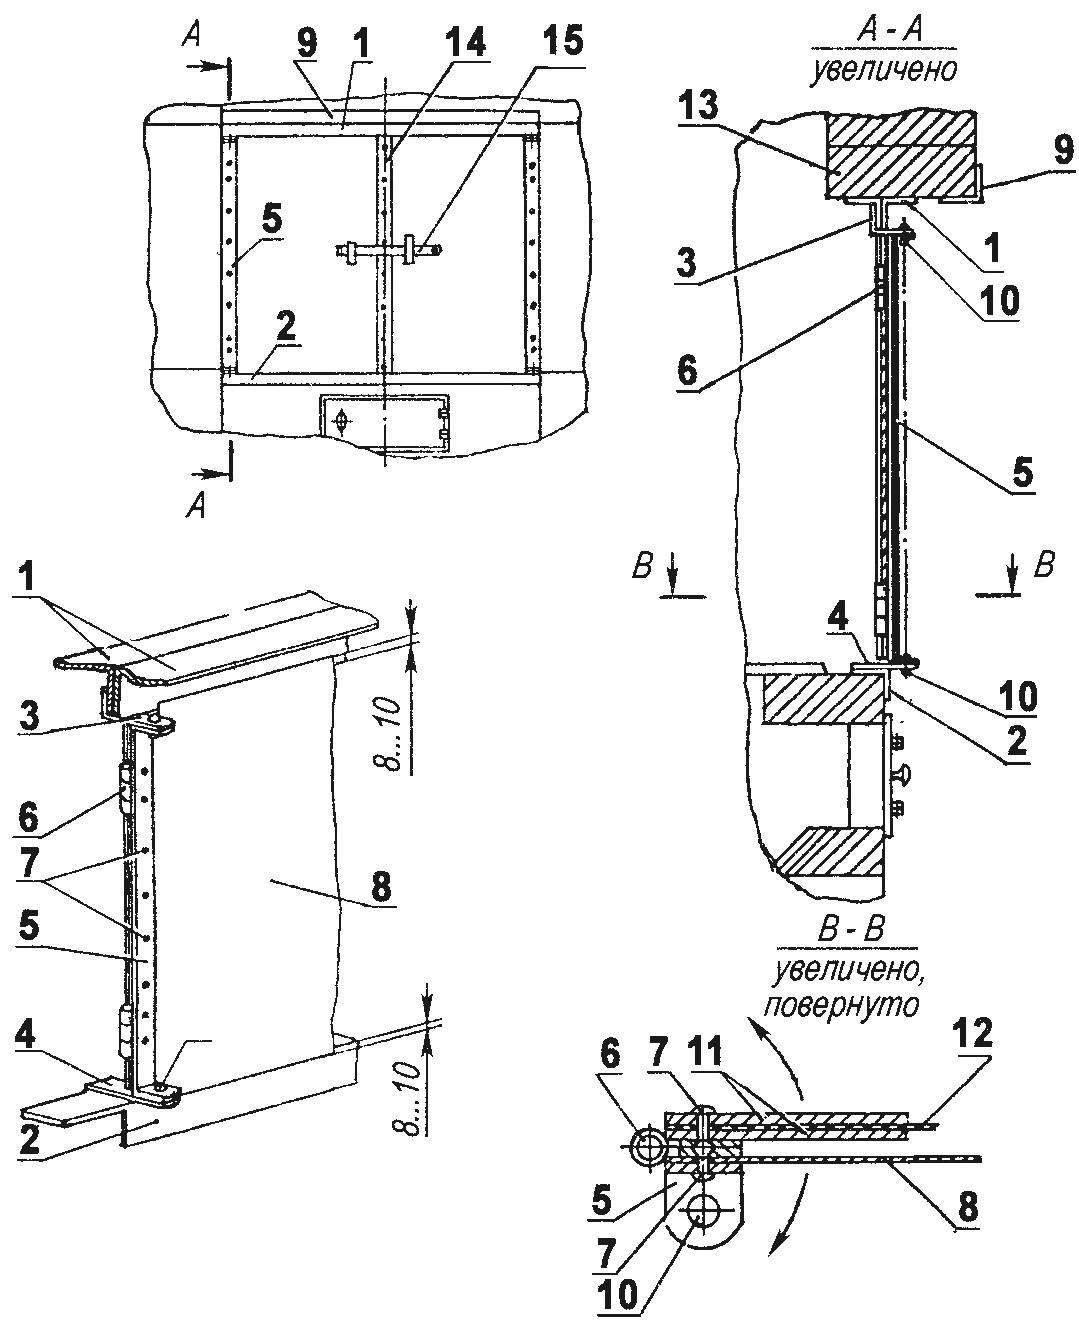 Рис. 6. Установка дверок варочной камеры